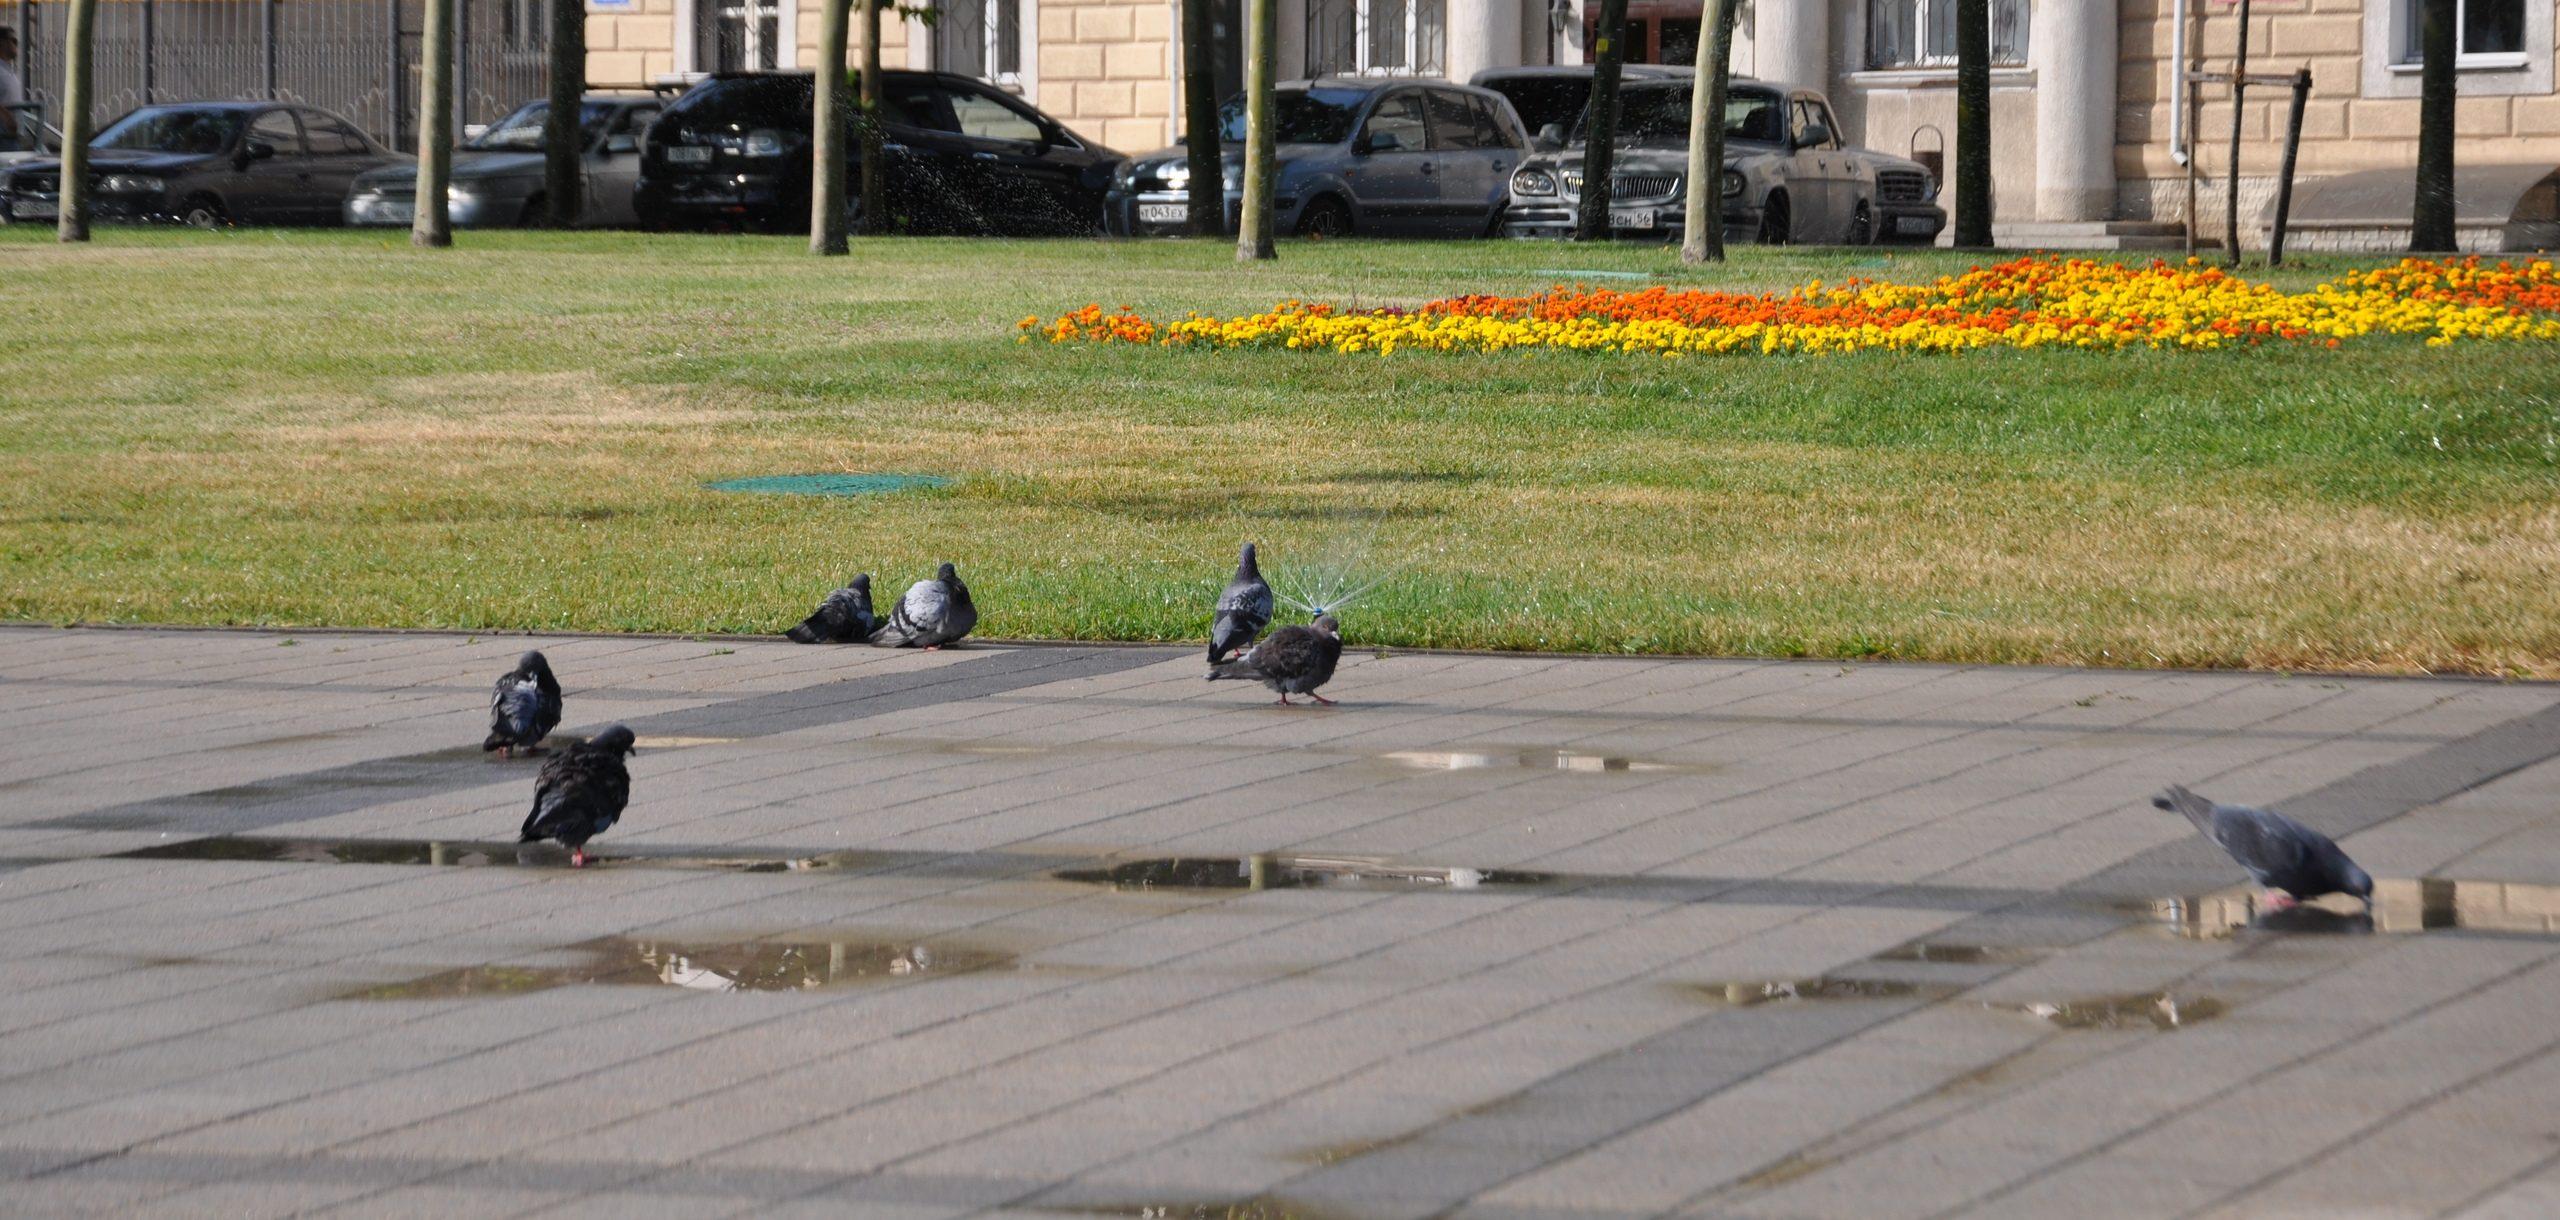 Некоторые новороссийцы считают, что голуби – рассадник инфекции и причина страшного заболевания